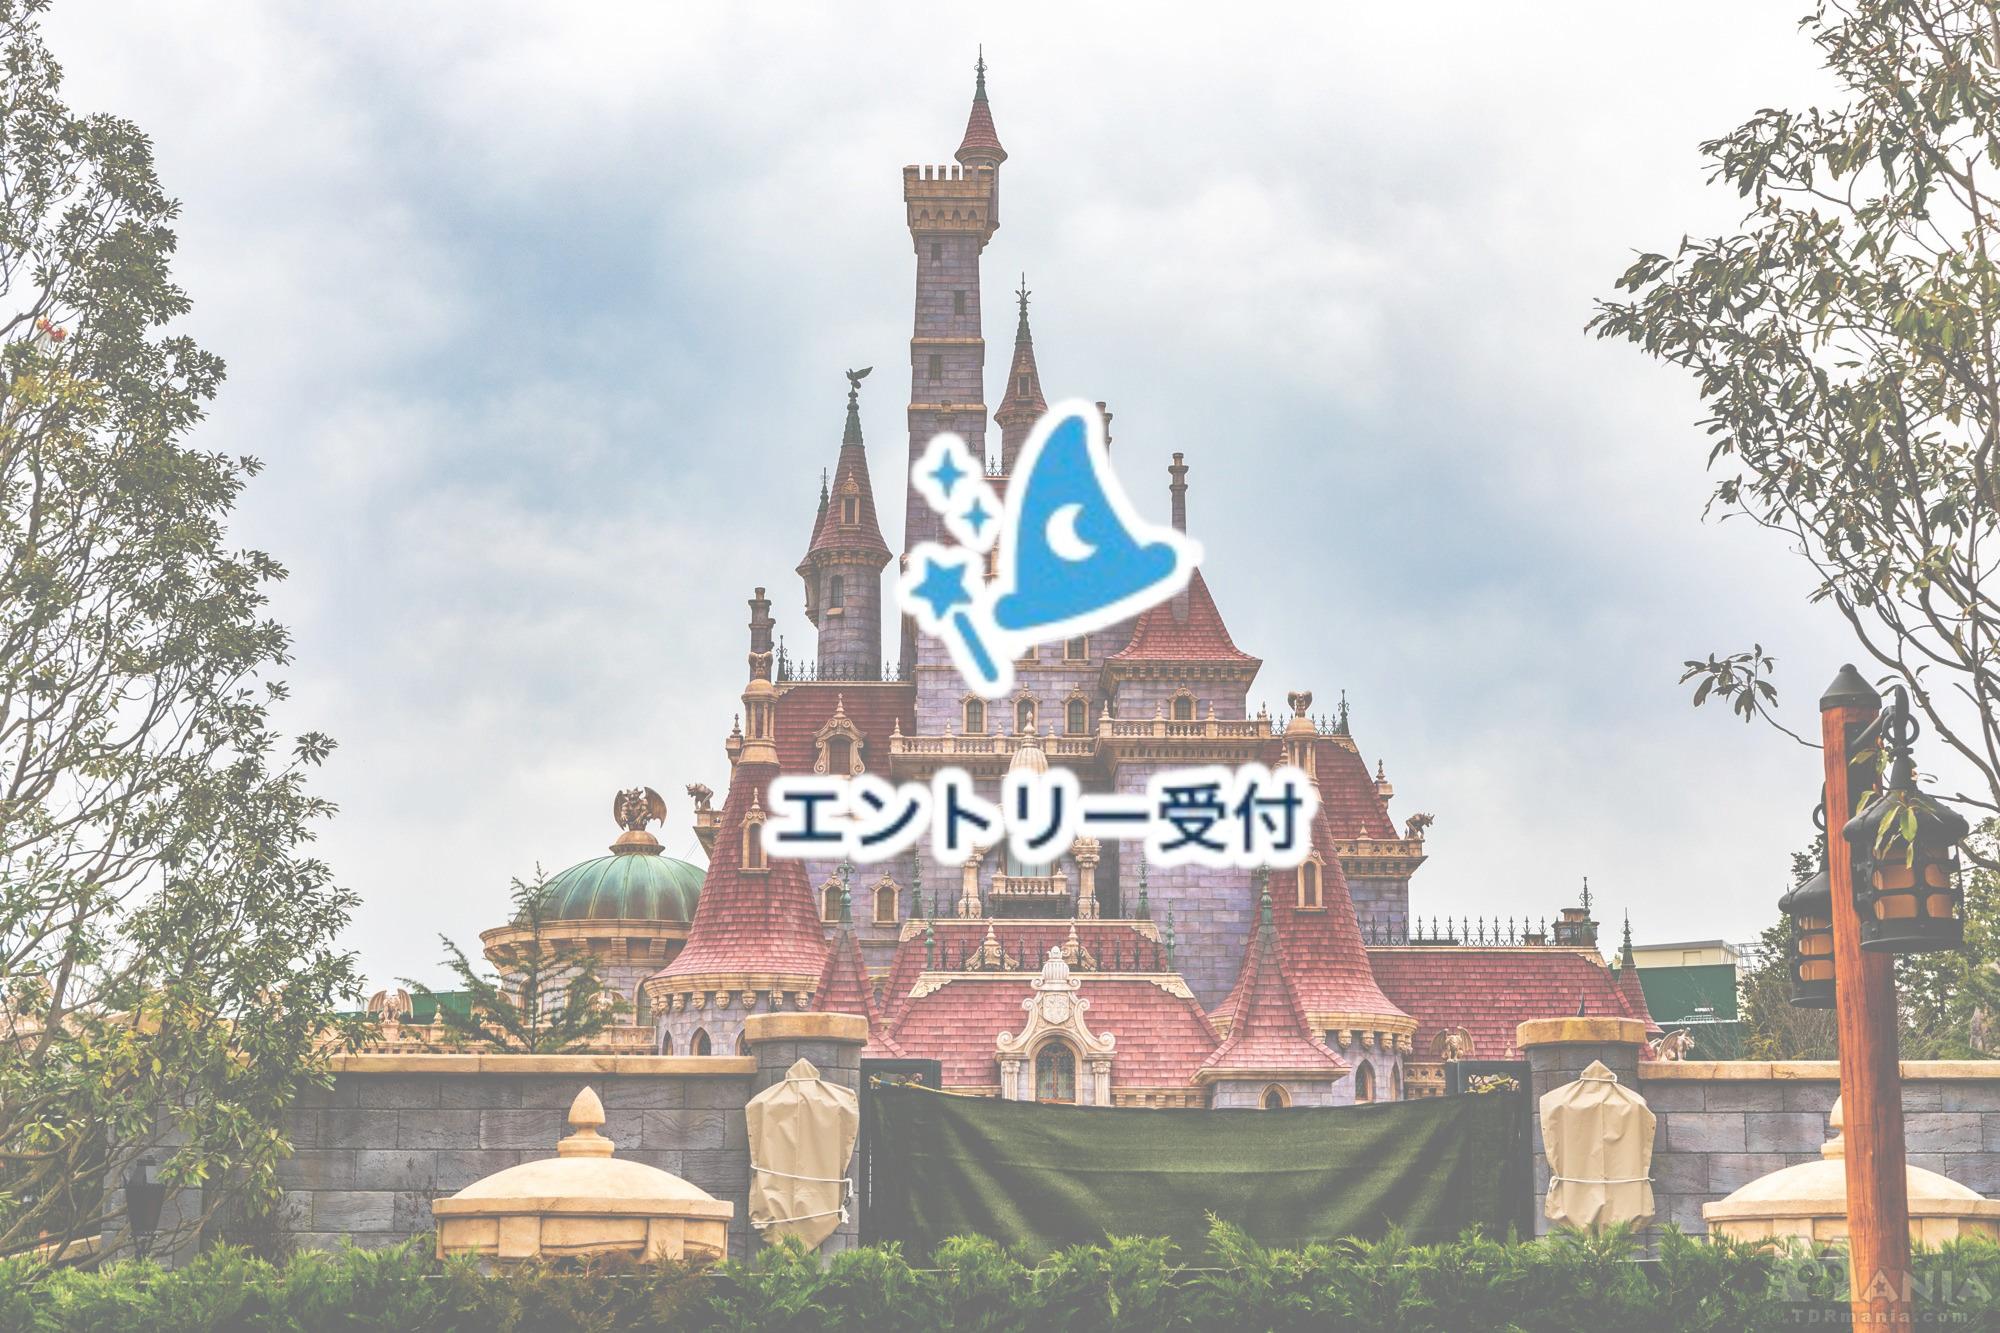 東京ディズニーリゾート・アプリ エントリー受付